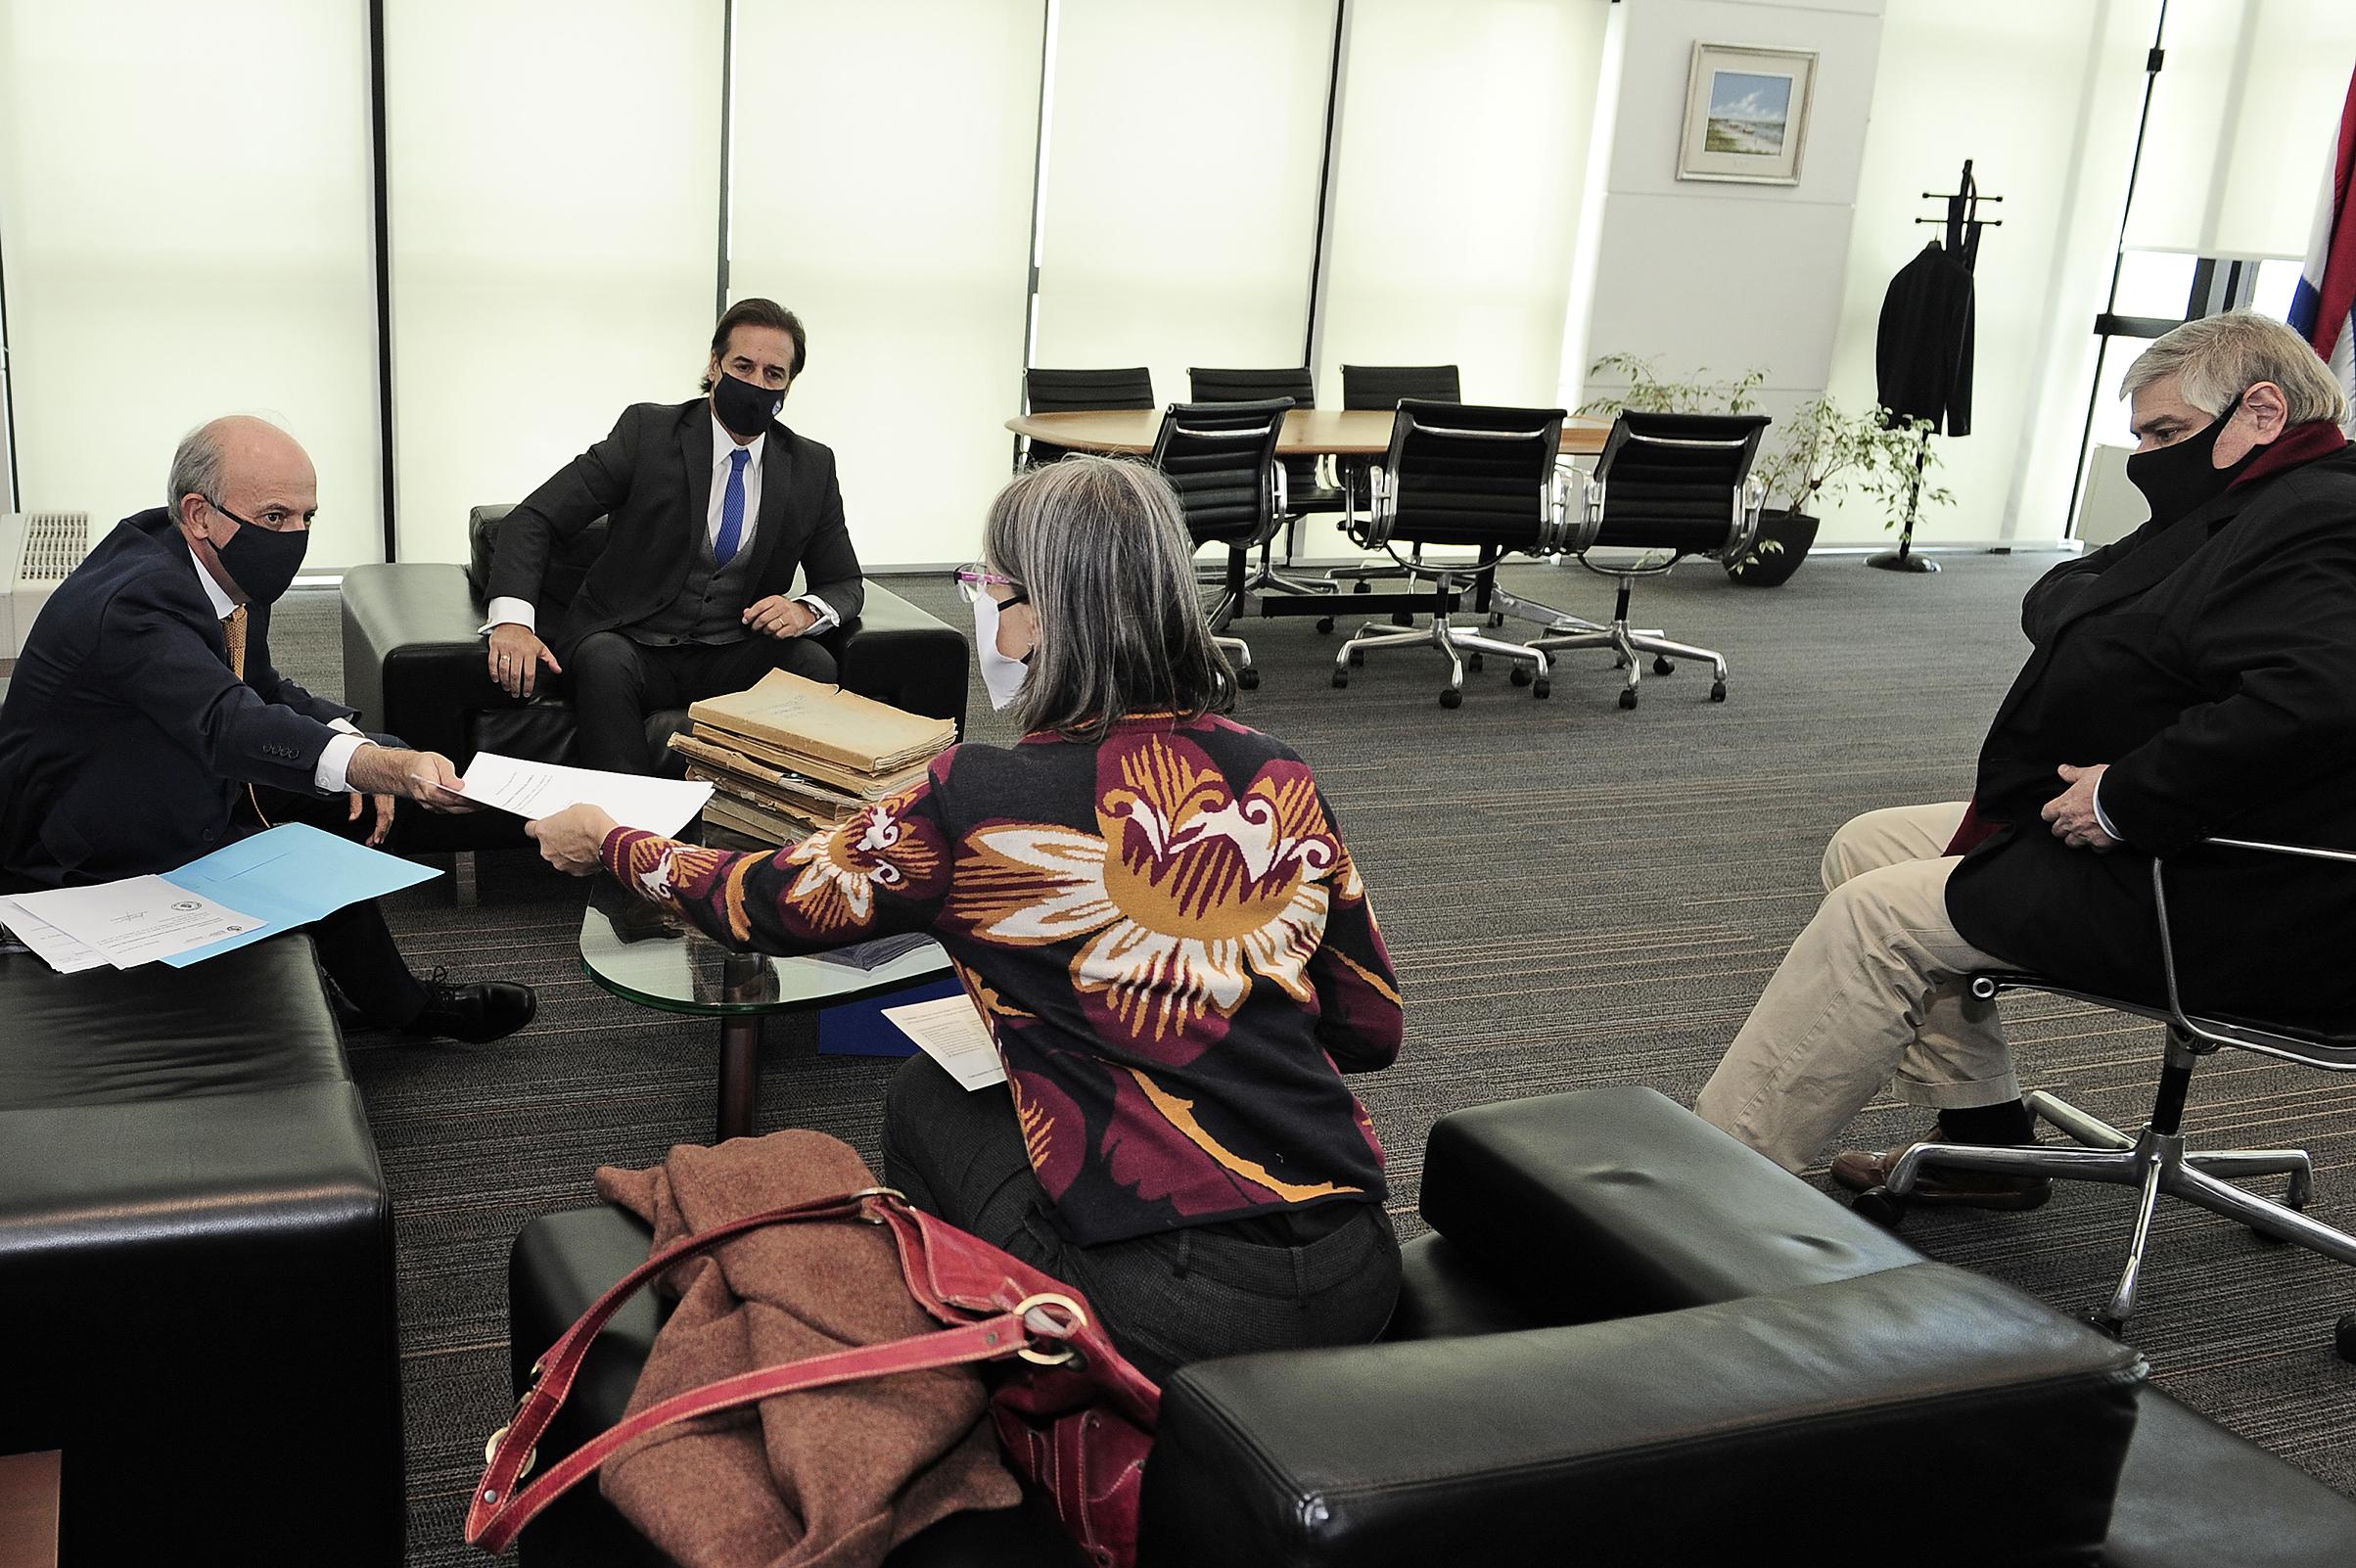 Presidente de la República, Luis Lacalle Pou, y ministro de Defensa Nacional, Javier García, con representantes de la INDDHH